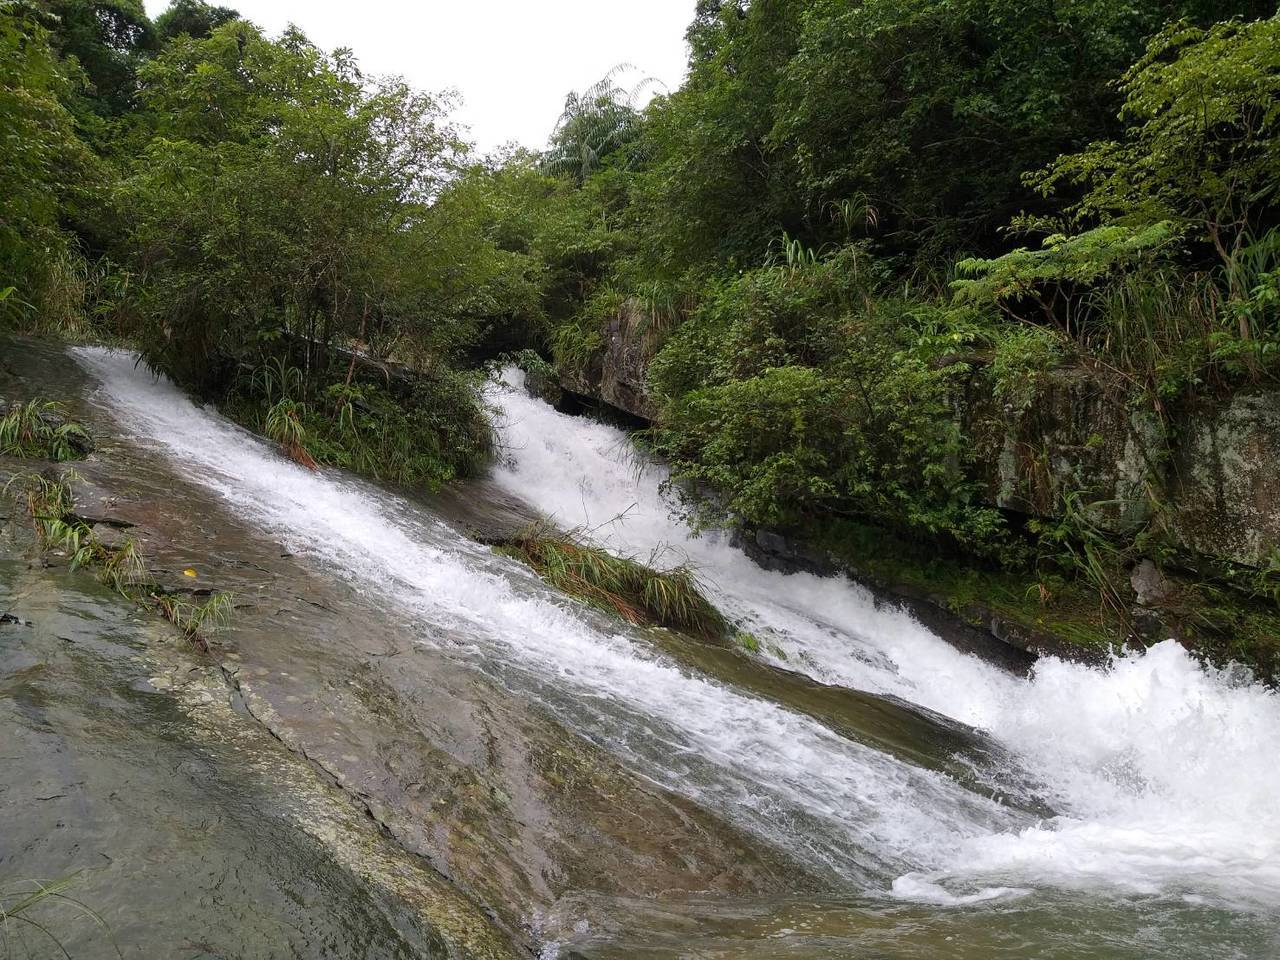 基隆市暖東峽谷的瀑布,水流順著傾斜的岩壁往下流,稱為「滑瀑」。記者邱瑞杰/攝影